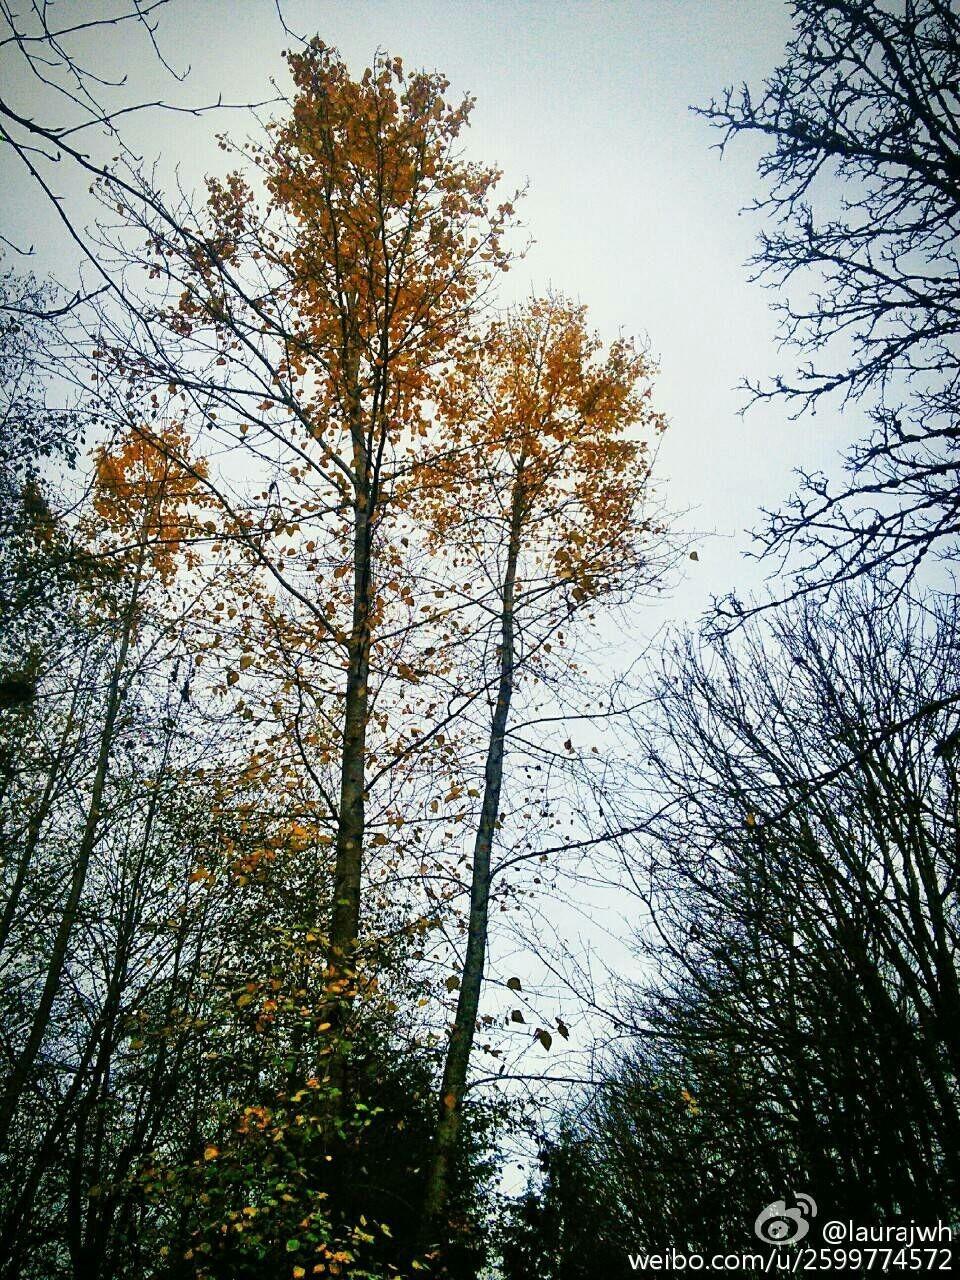 浅冬·秋黄@Soft Winter·Autumn Yellow